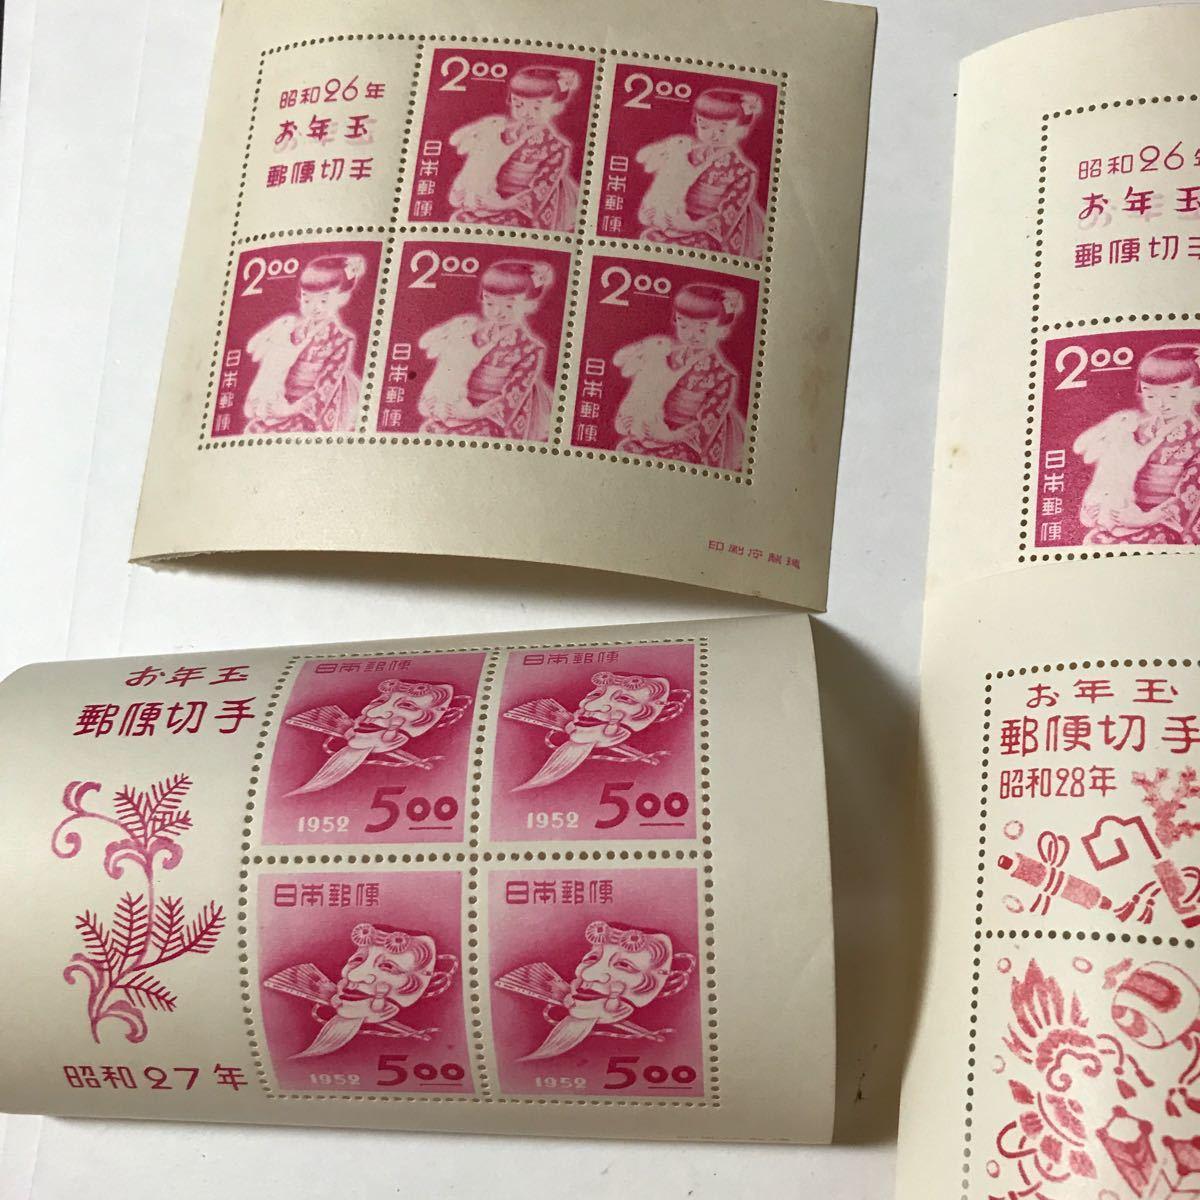 お年玉郵便切手 小型シート 年賀5905